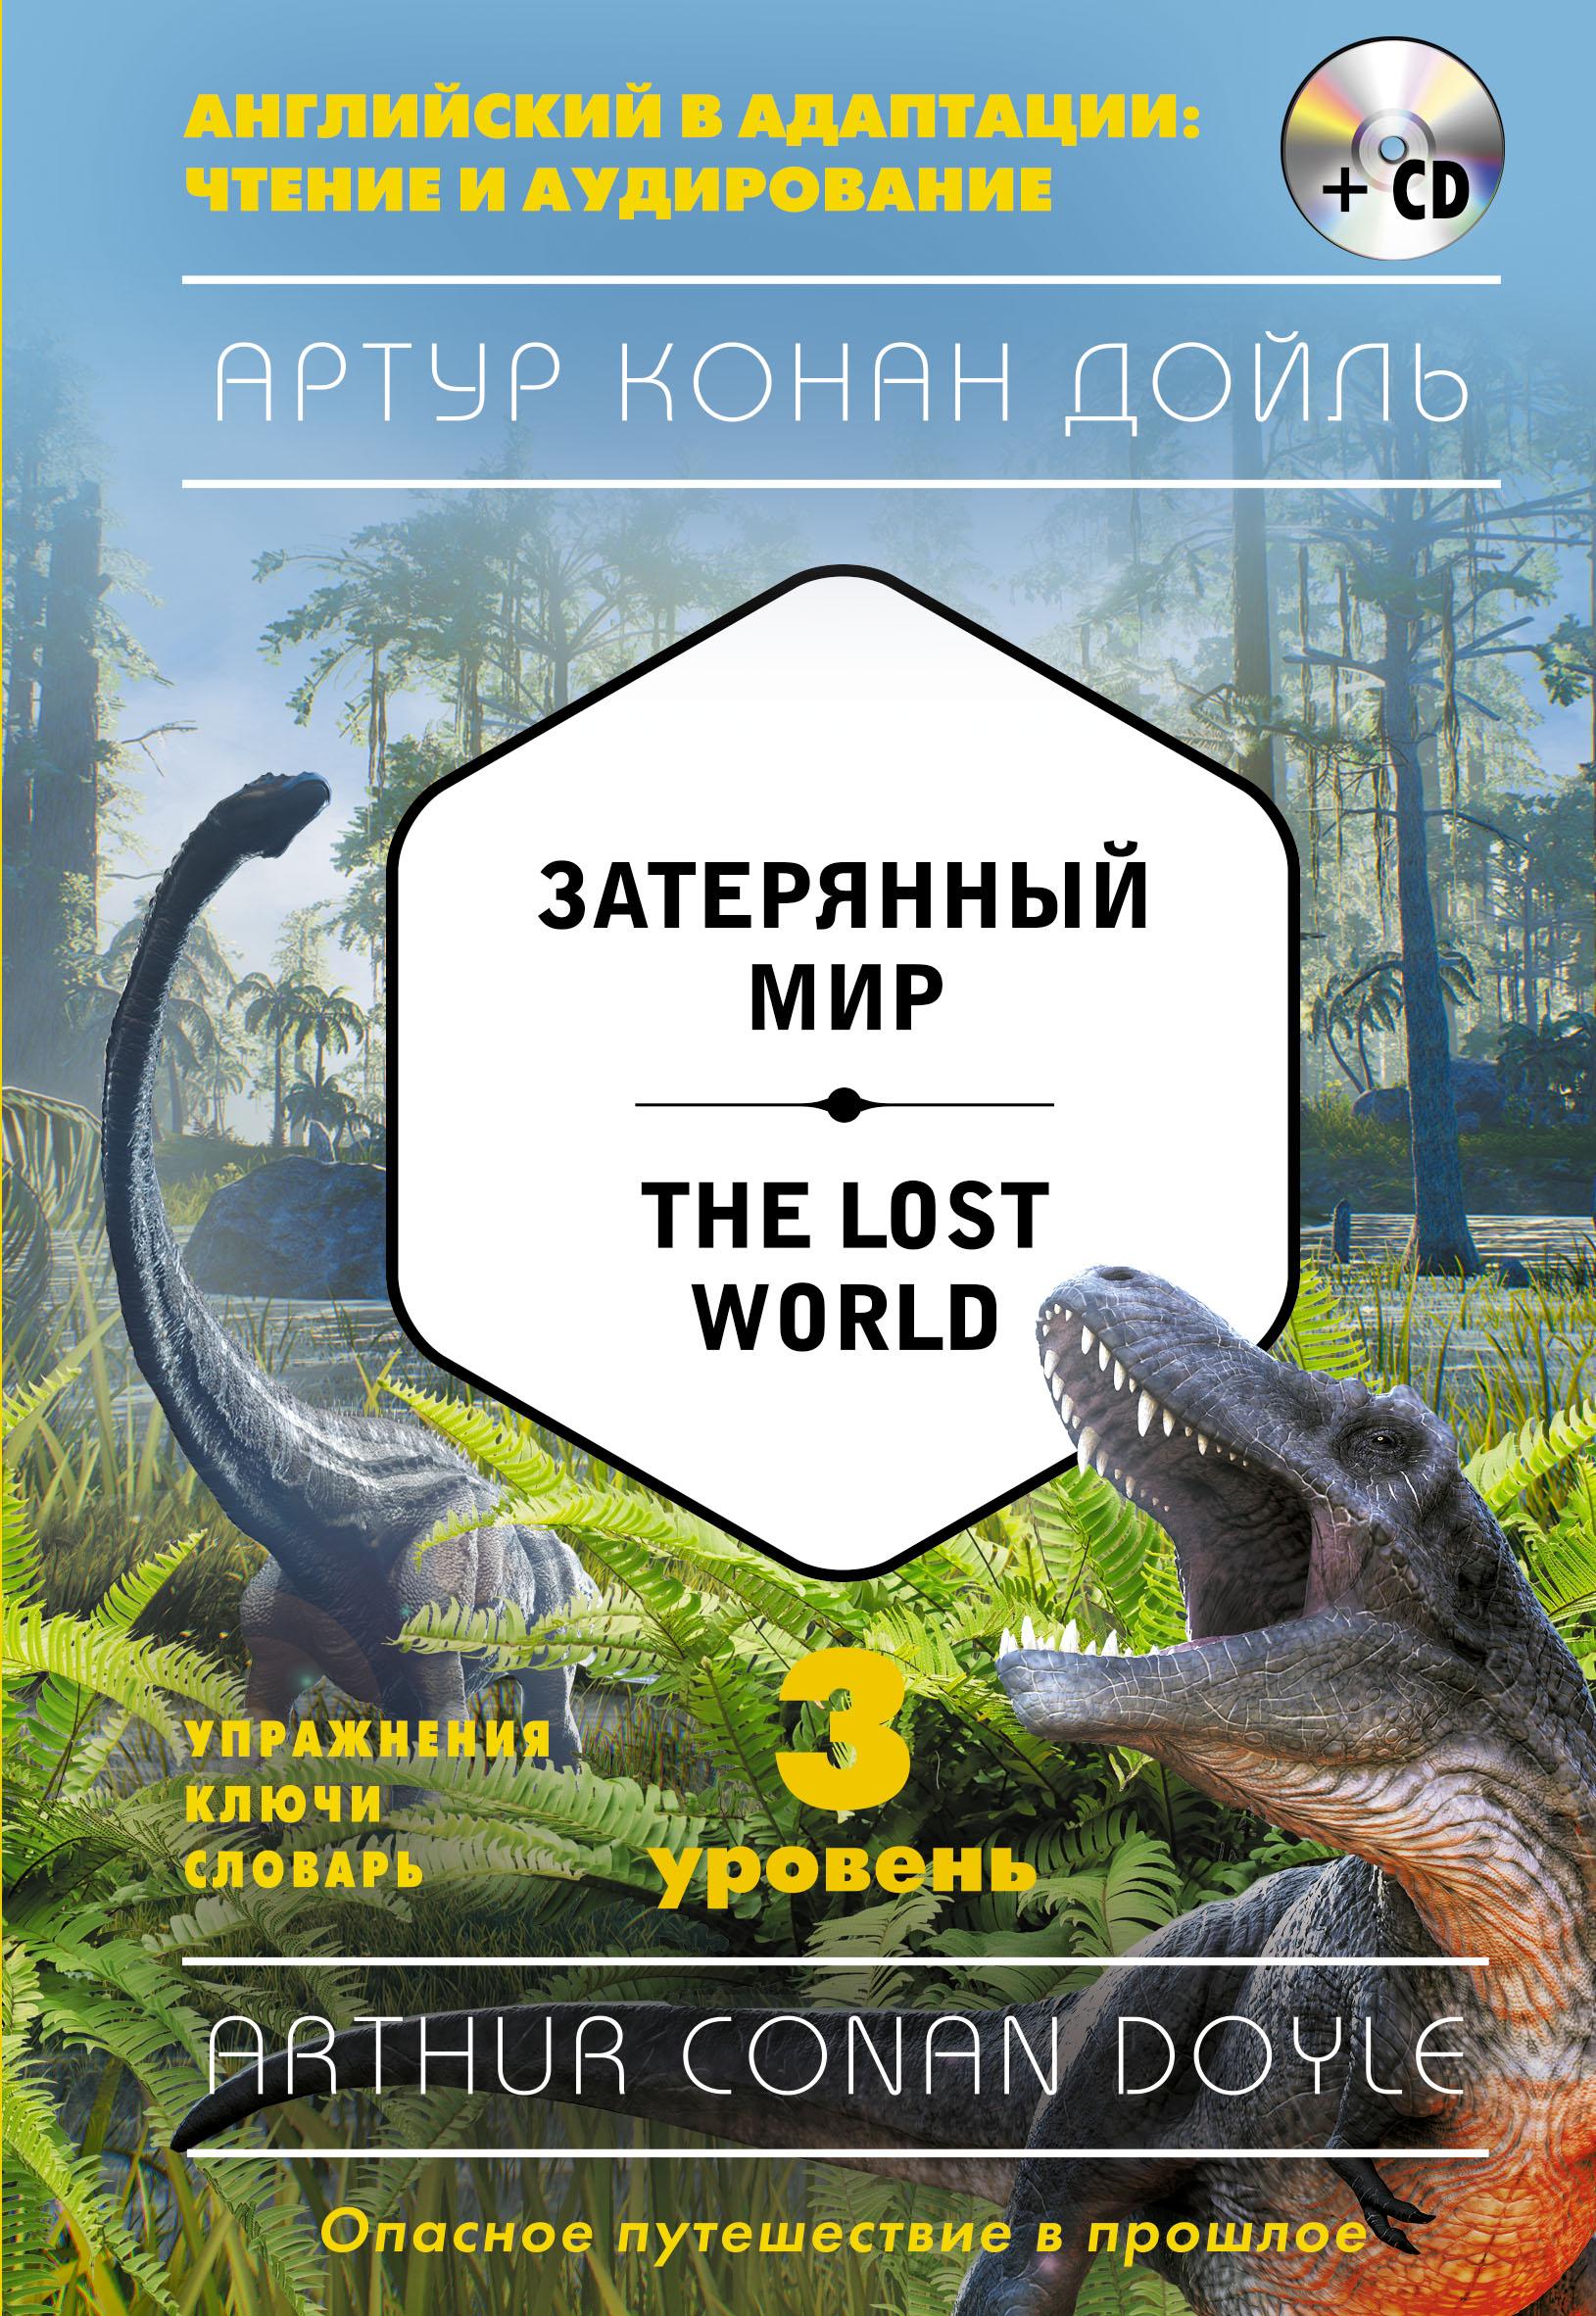 Подробнее о Дойл Артур Конан Затерянный мир = The Lost World (+CD). 3-й уровень конан дойл а затерянный мир the lost world